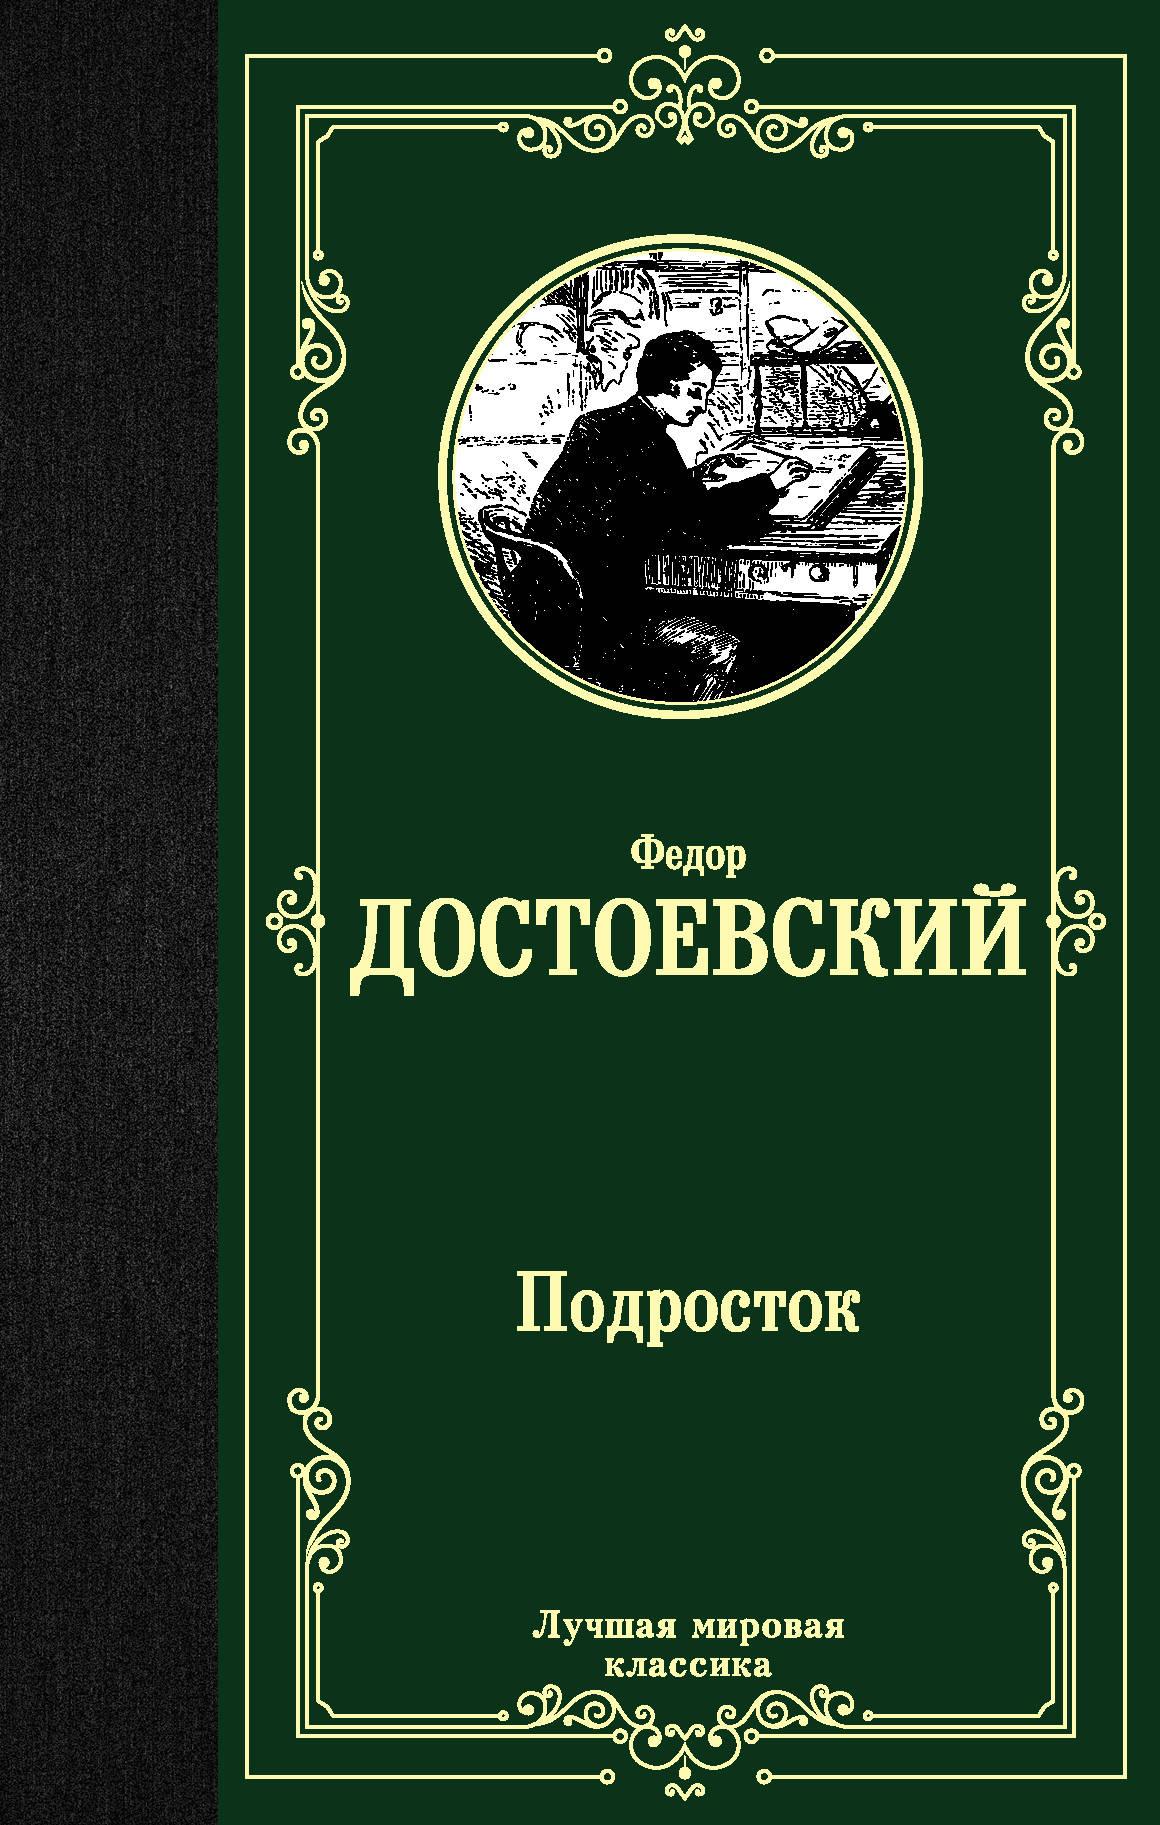 Достоевский книги лучшие